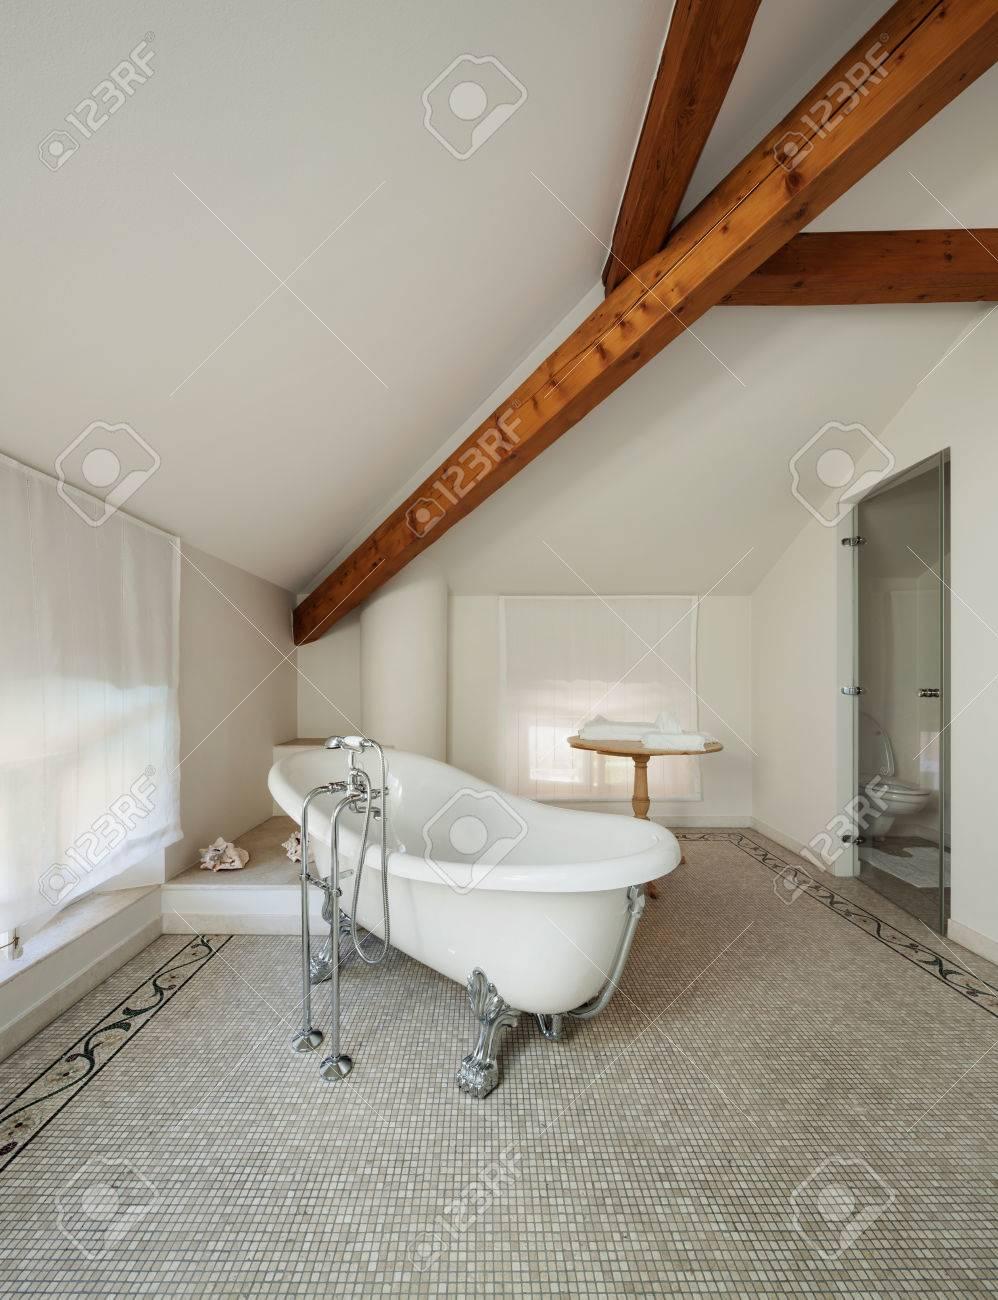 Carrelage Mural Salle De Bain Tendance ~ Int Rieur D Une Maison De Ma Tre Salle De Bains Classique De Luxe